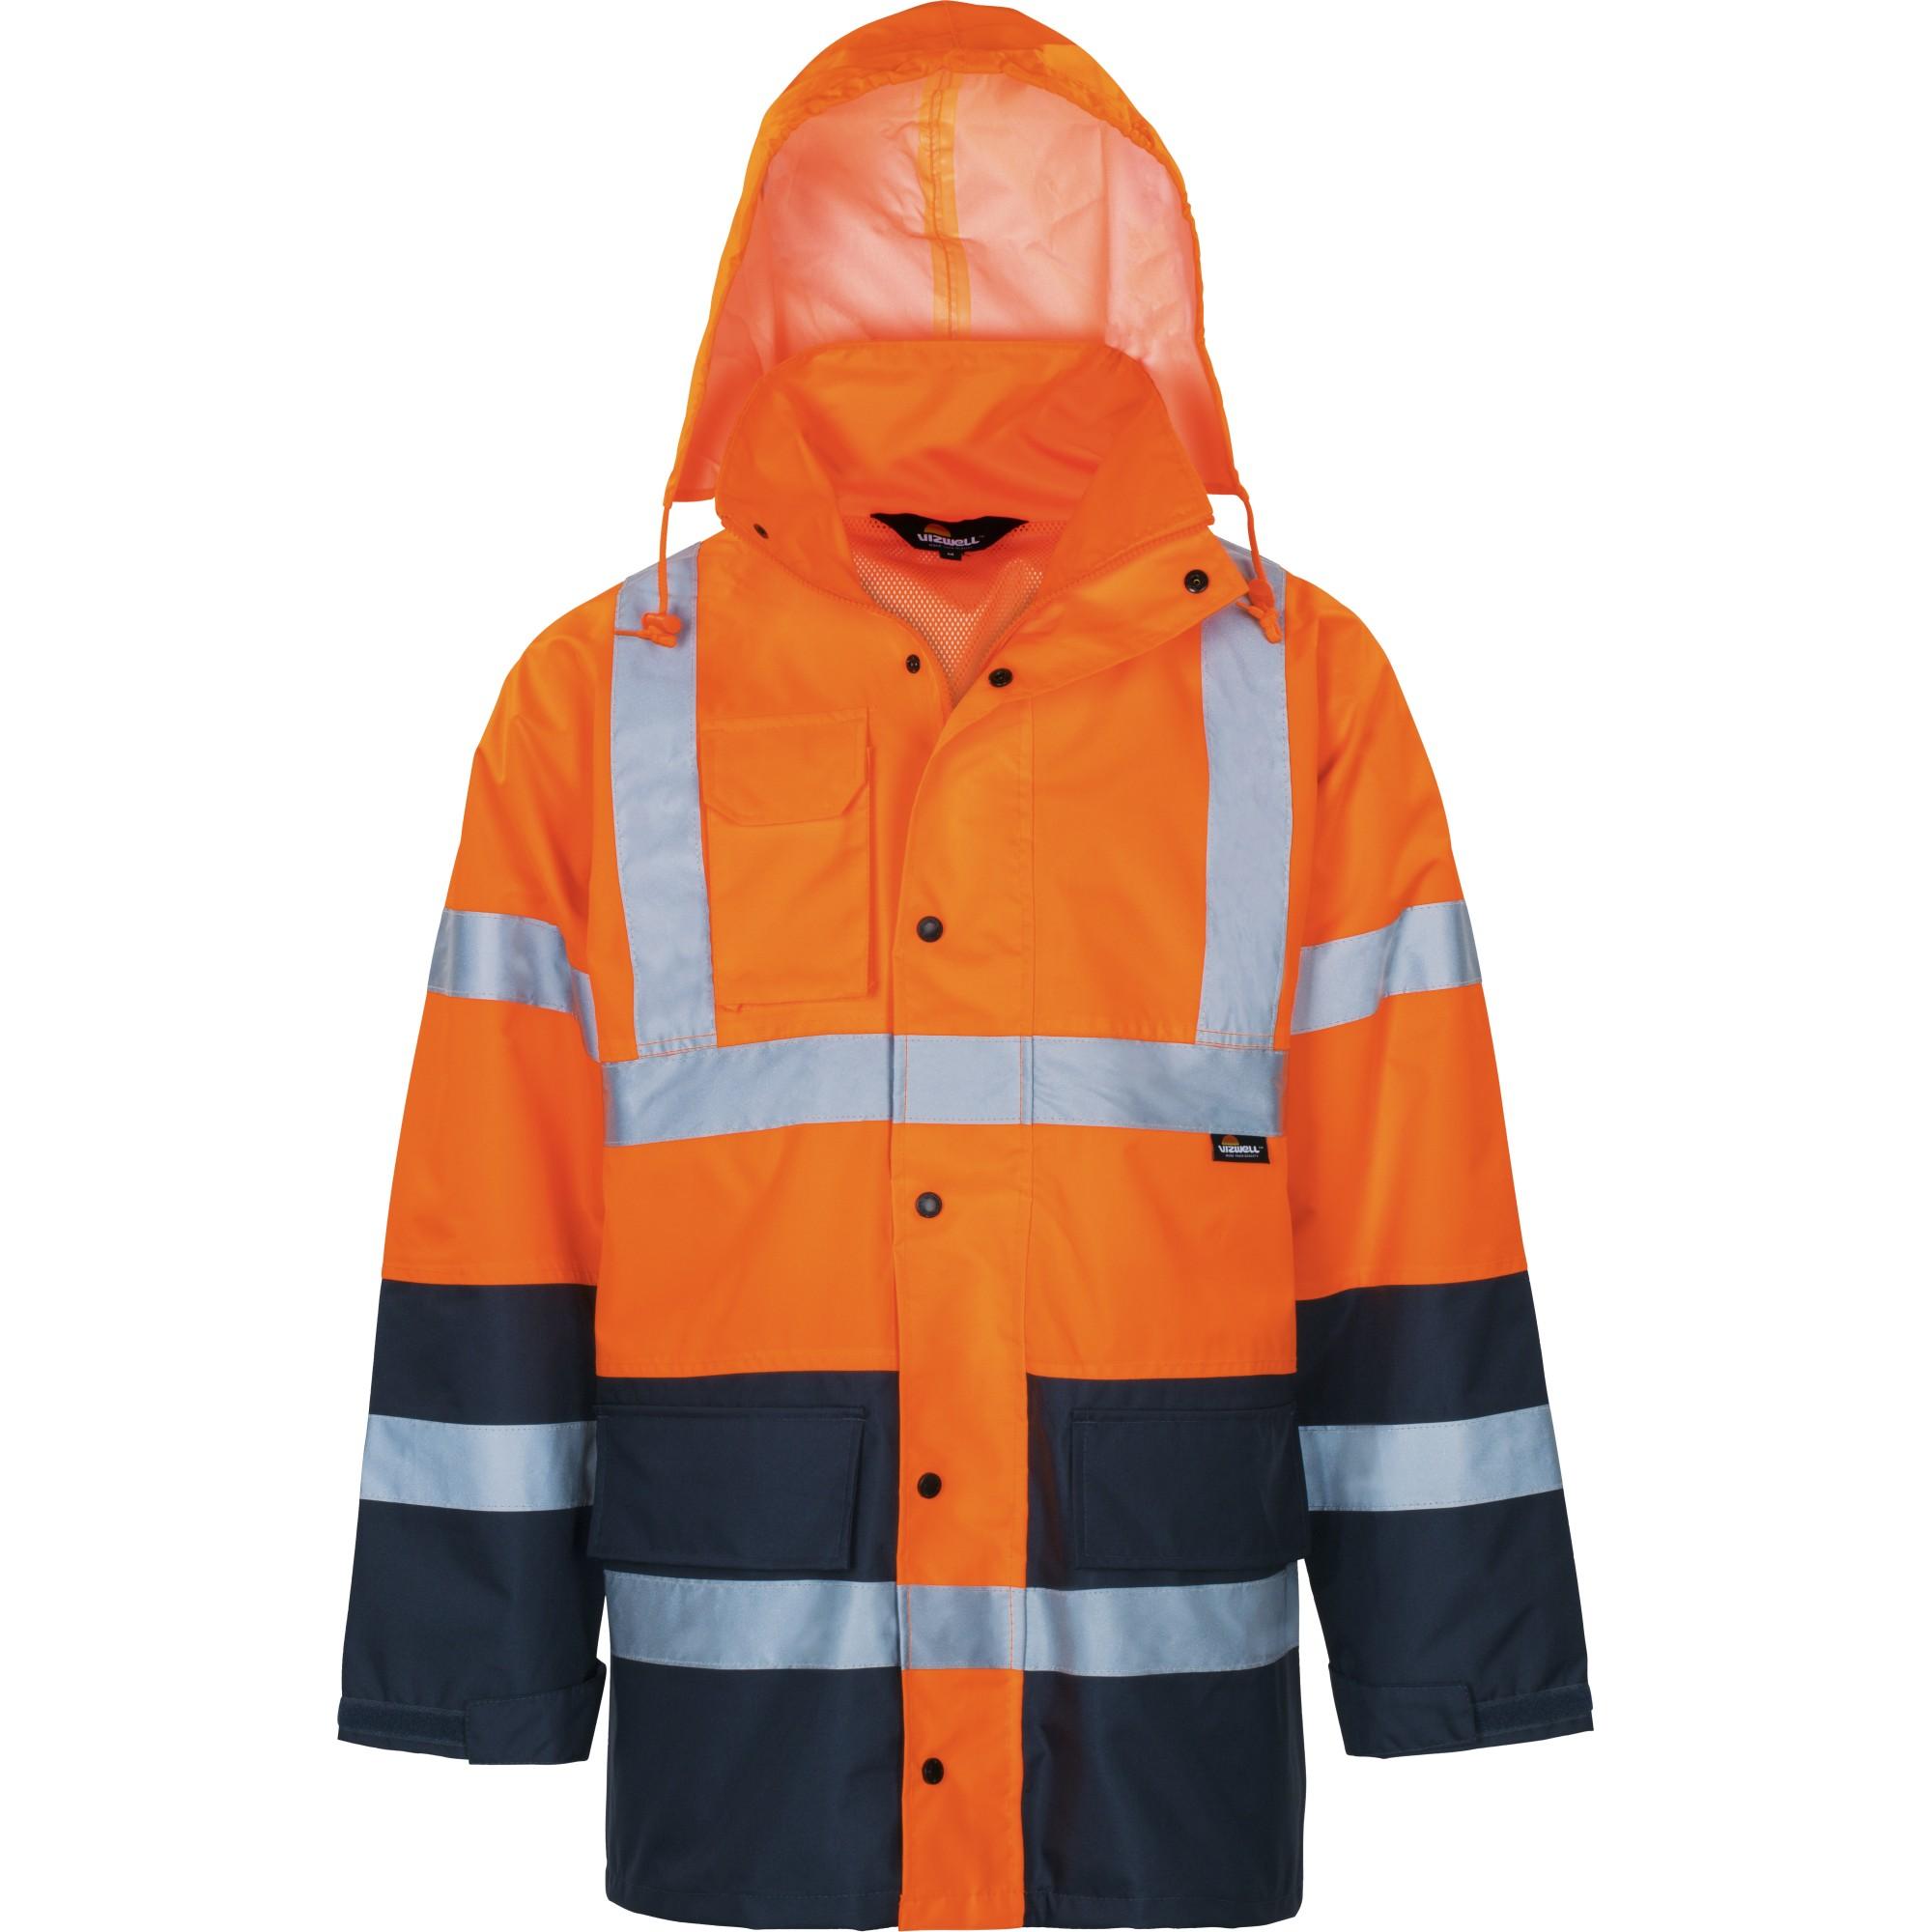 competitive price 3868c 58f44 TRIUSO Qualitätswerkzeuge GmbH   Abbigliamento da lavoro ...